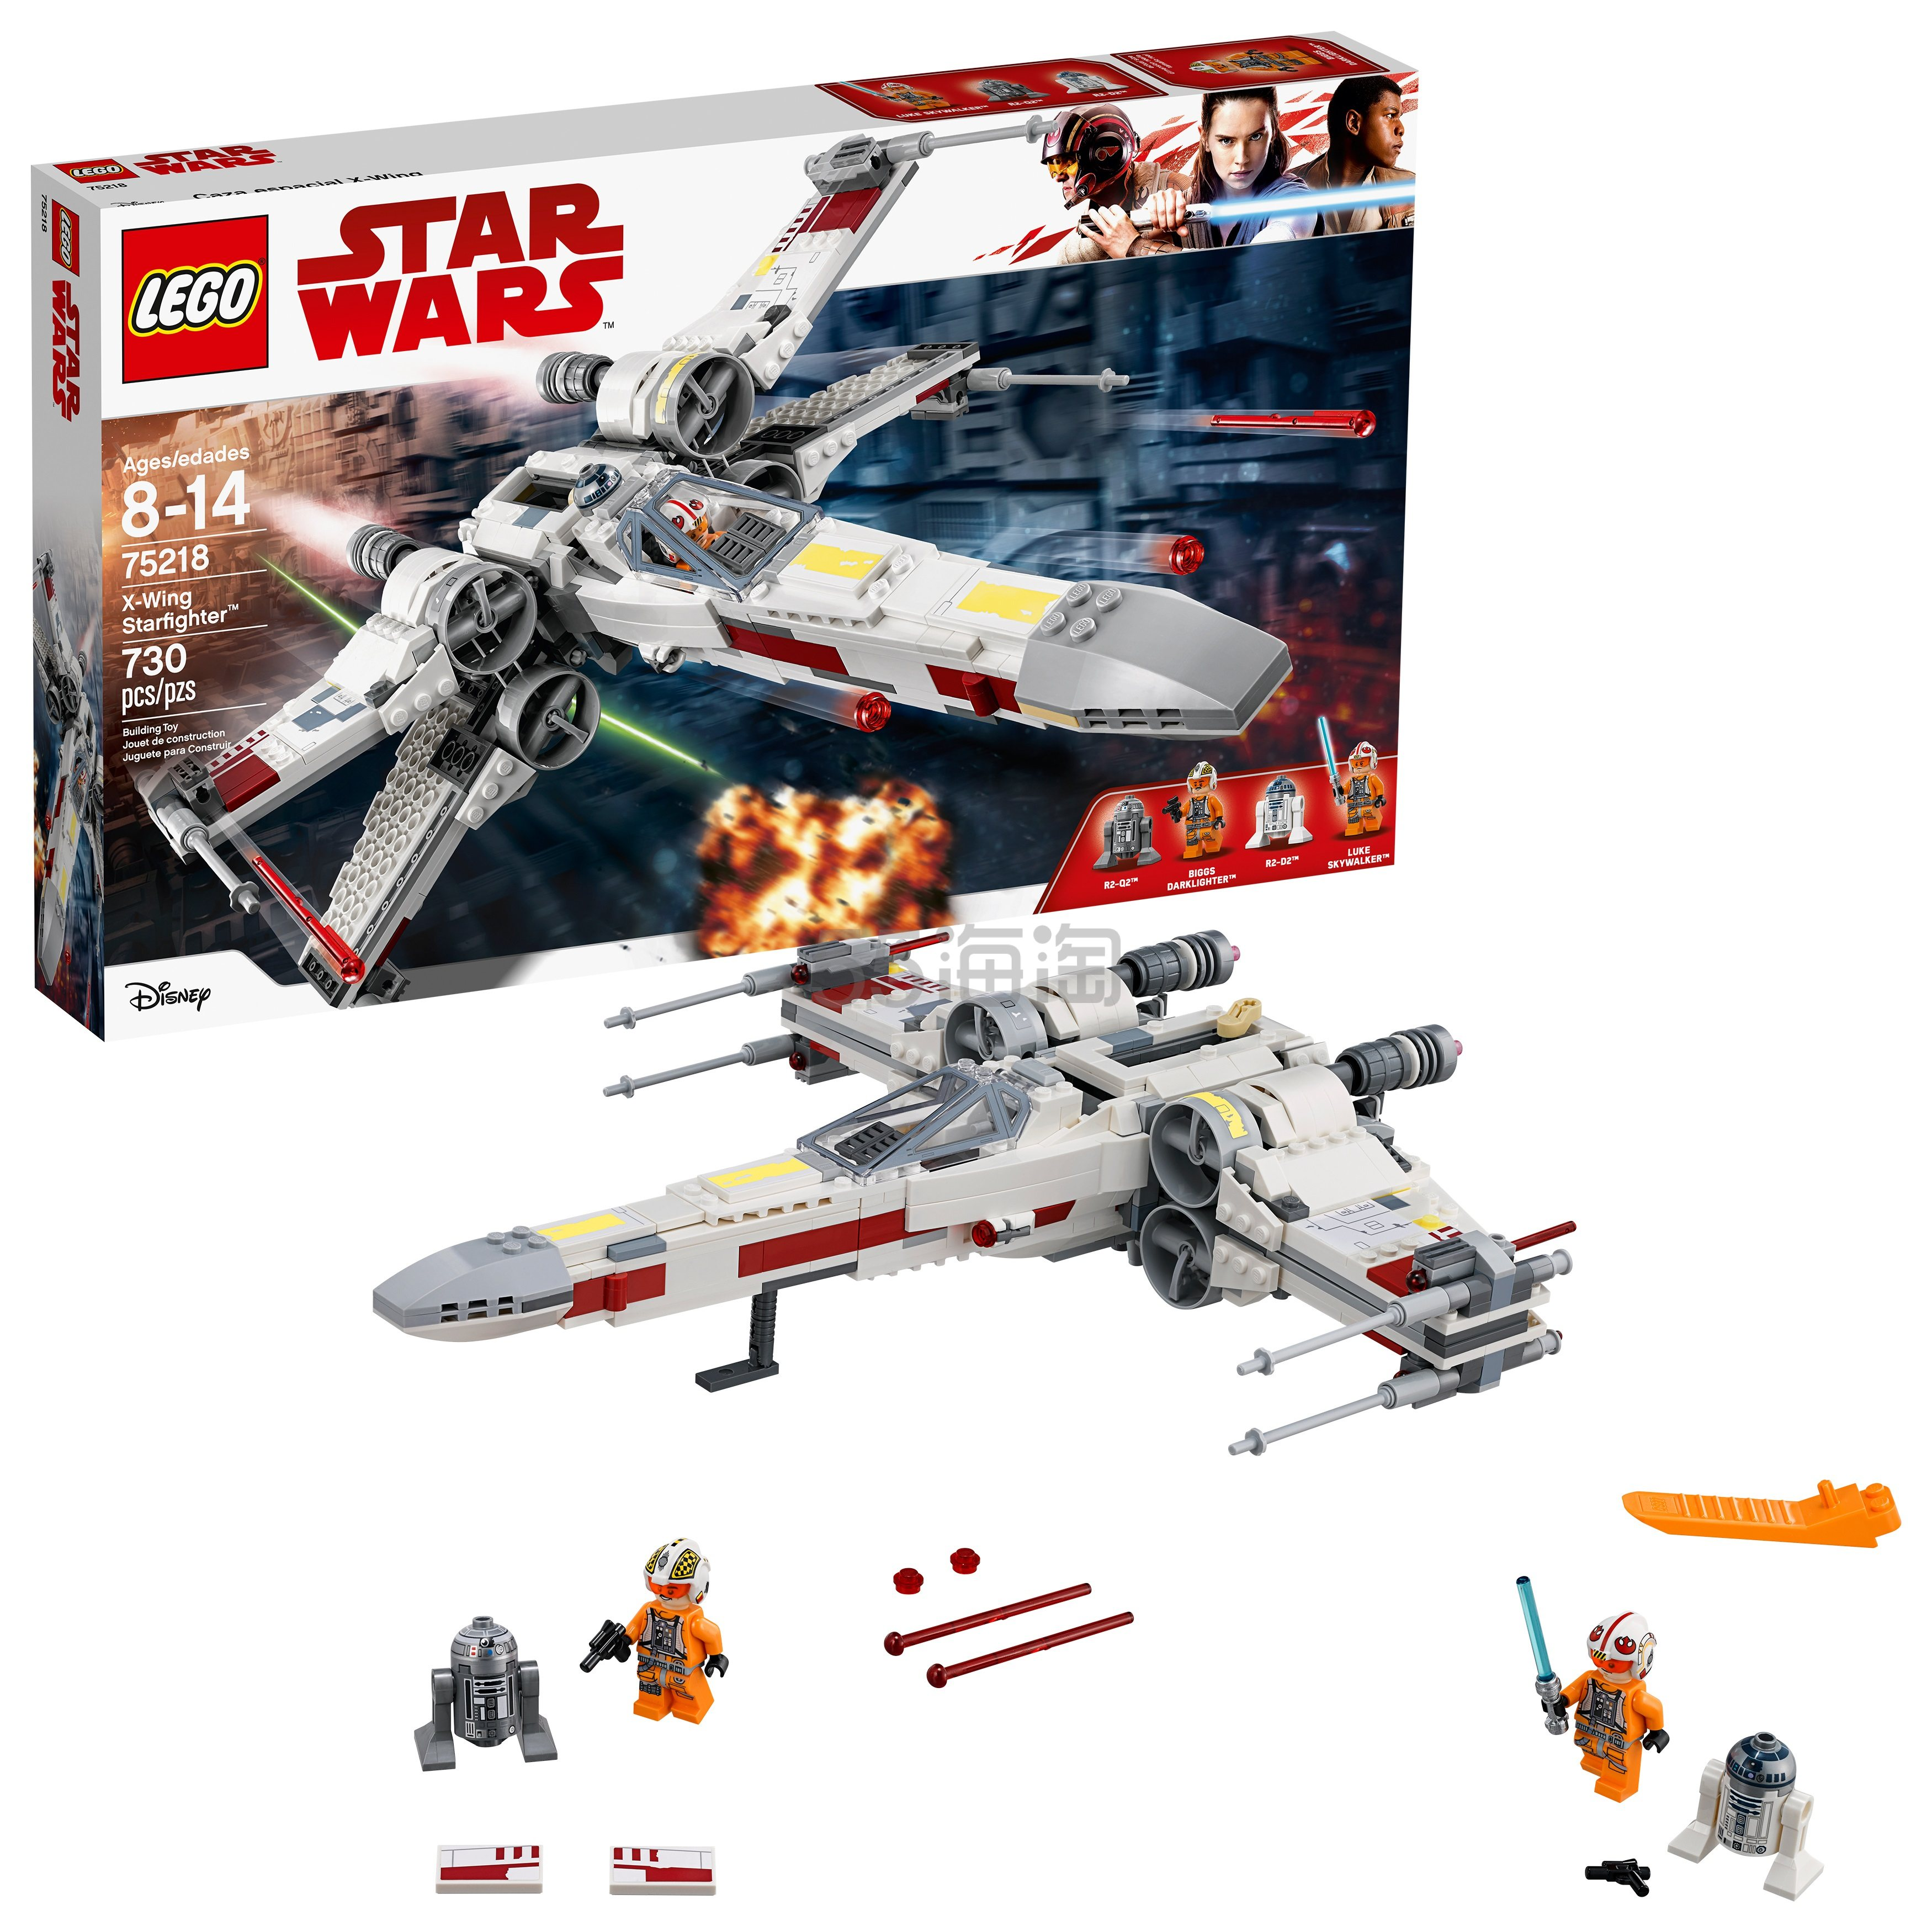 LEGO 乐高 星球大战系列 75218 X翼战机套装 .99(约394元) - 海淘优惠海淘折扣|55海淘网